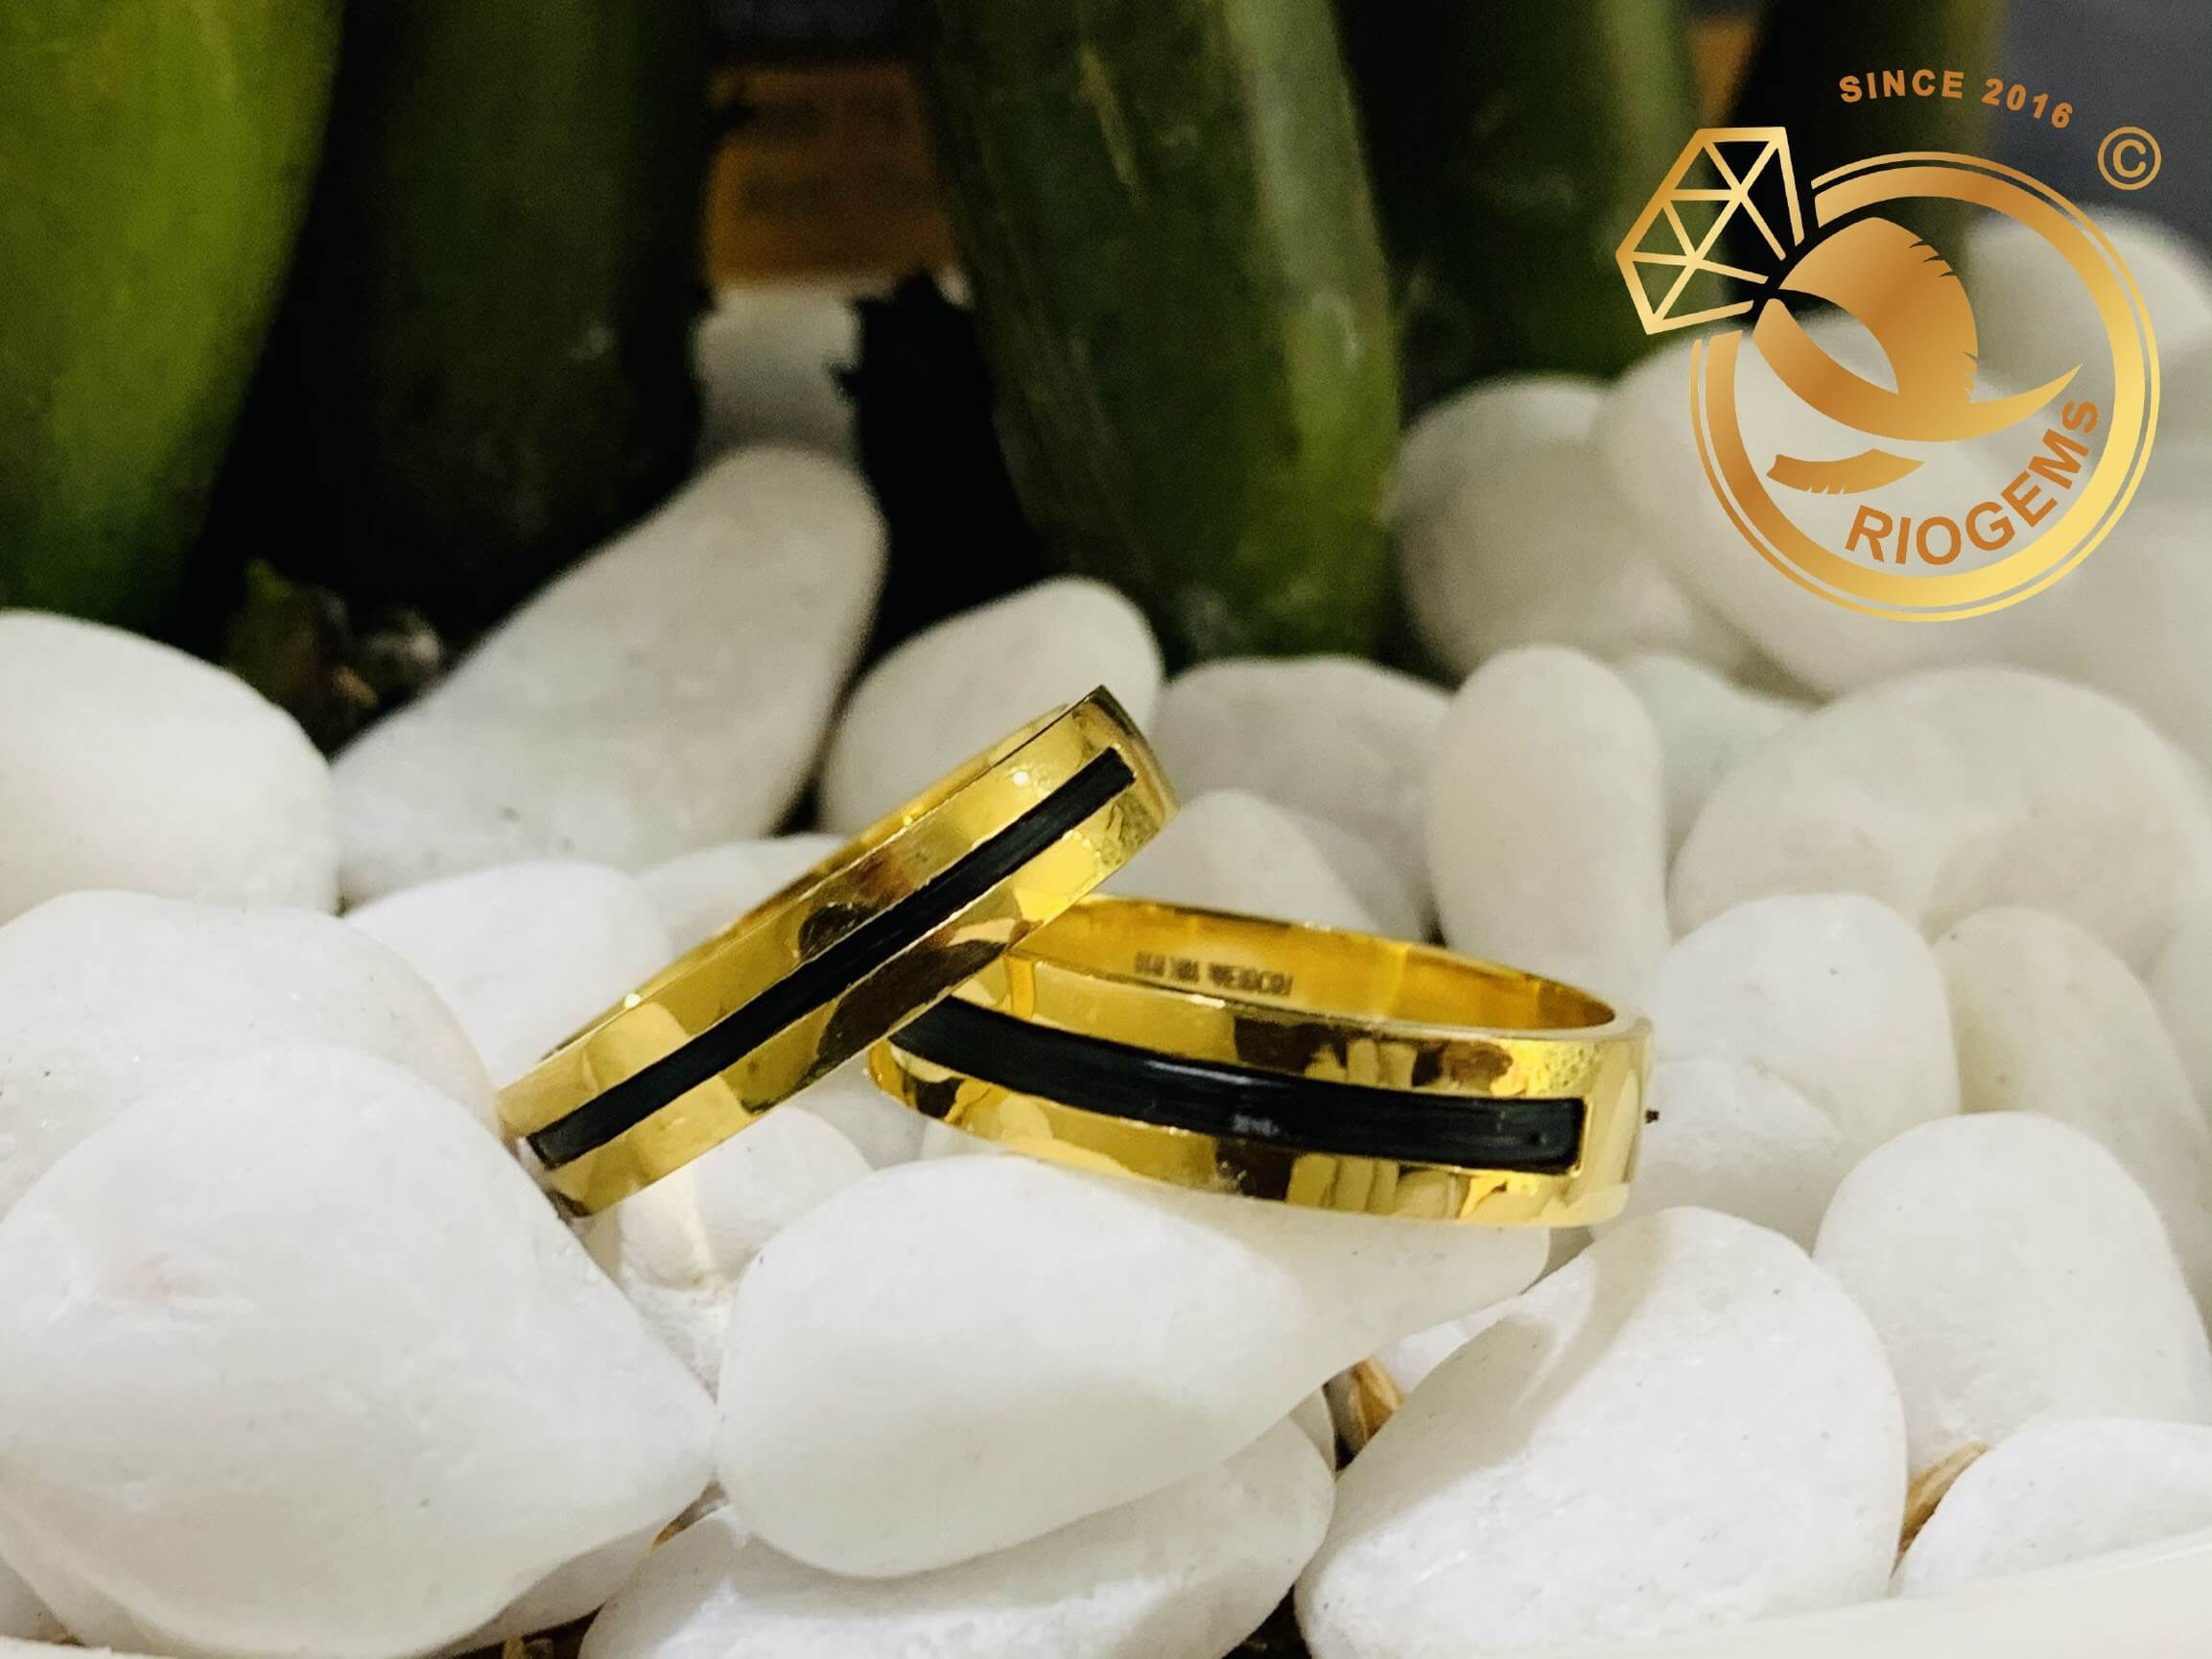 Cặp nhẫn vàng vuông đơn giản làm tay luồng 1 lông may mắn